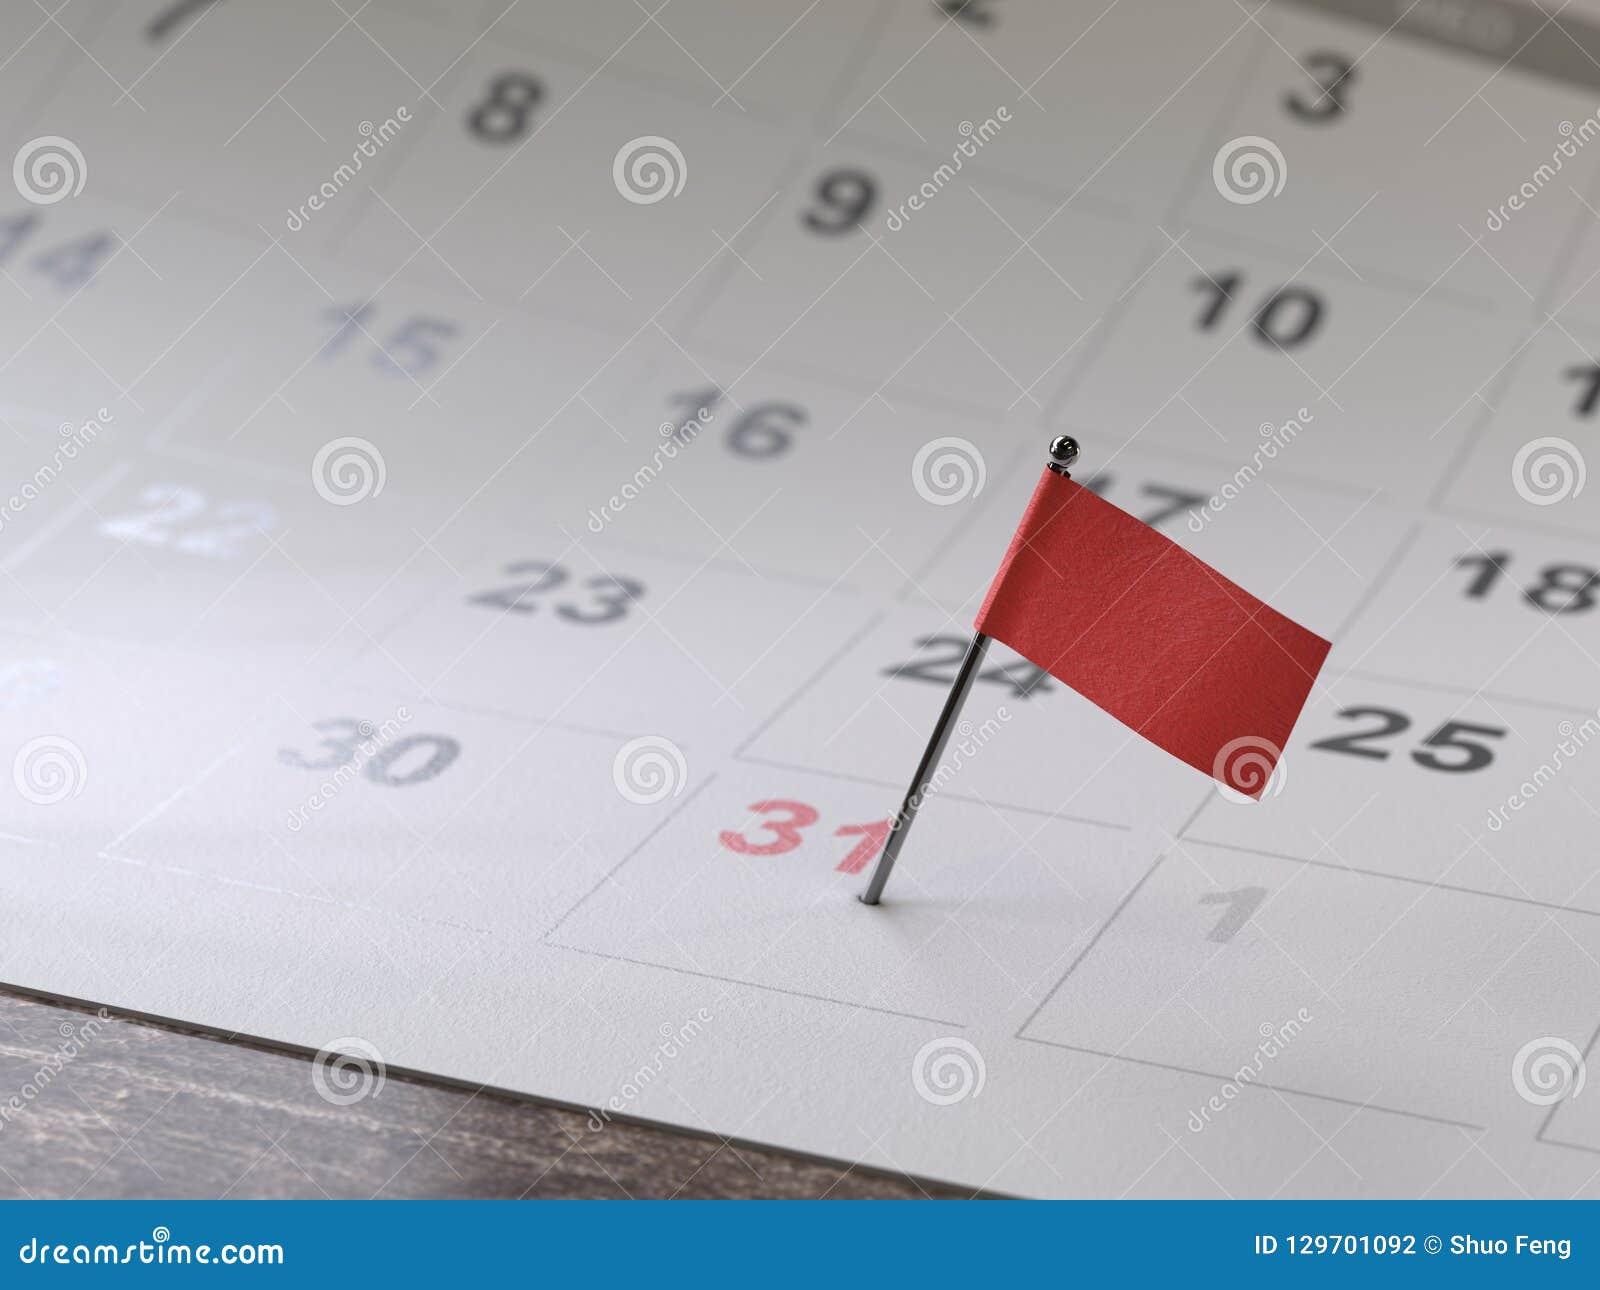 Страница календаря со штырем